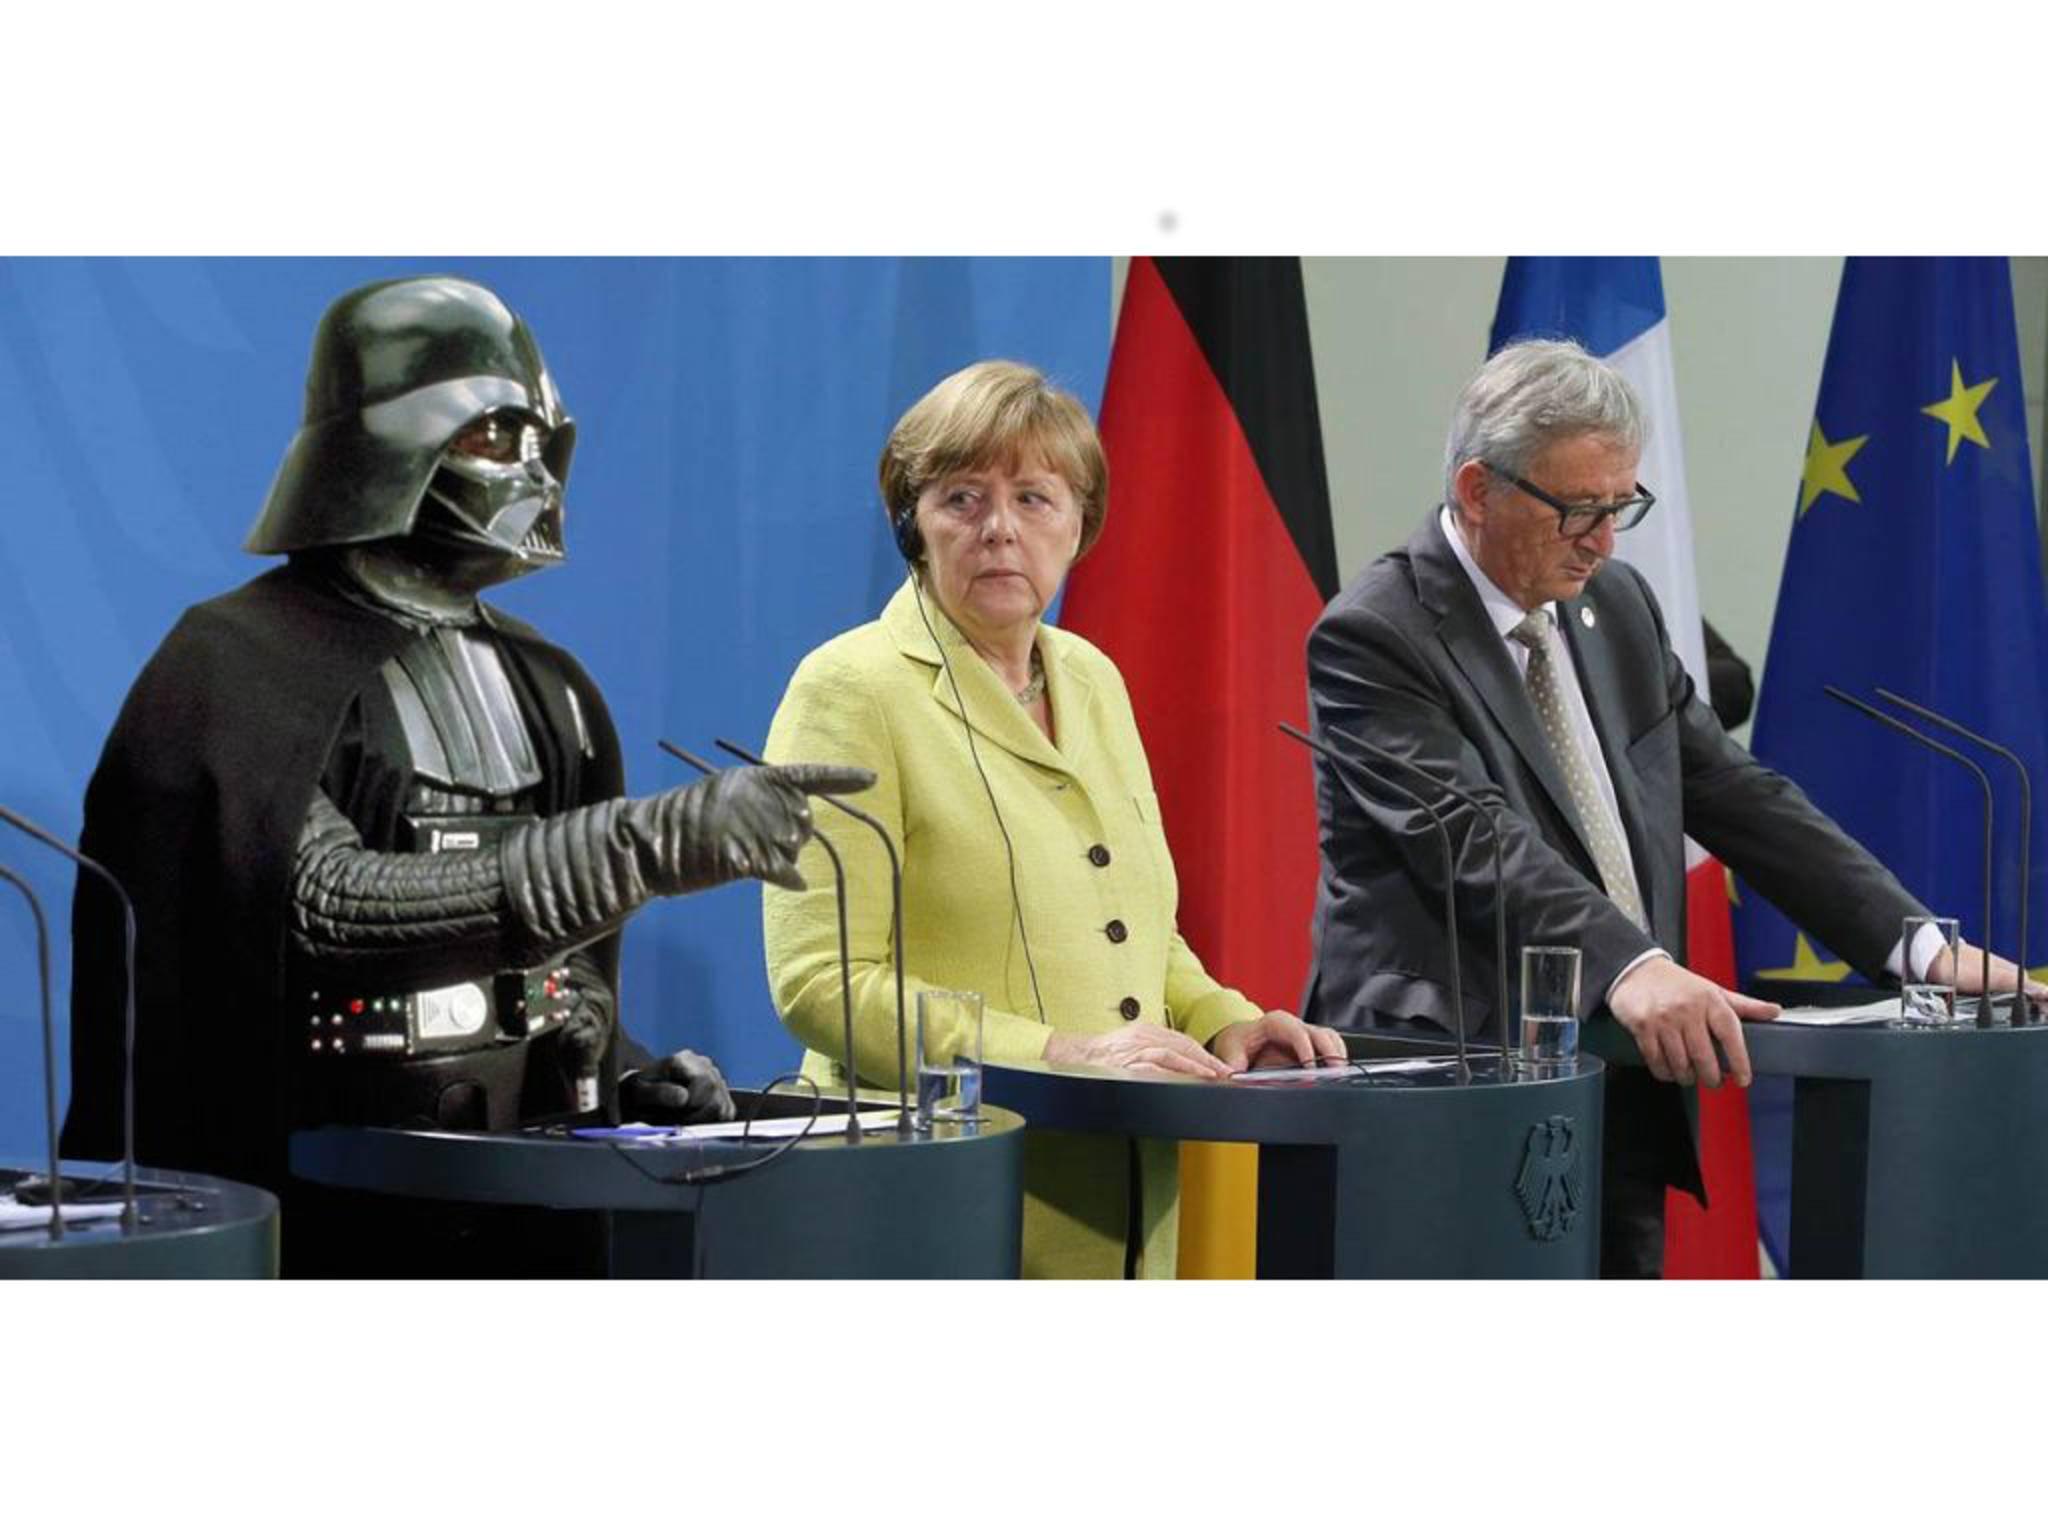 WhatsApp Bilder BuzzFeed Deutschland 4